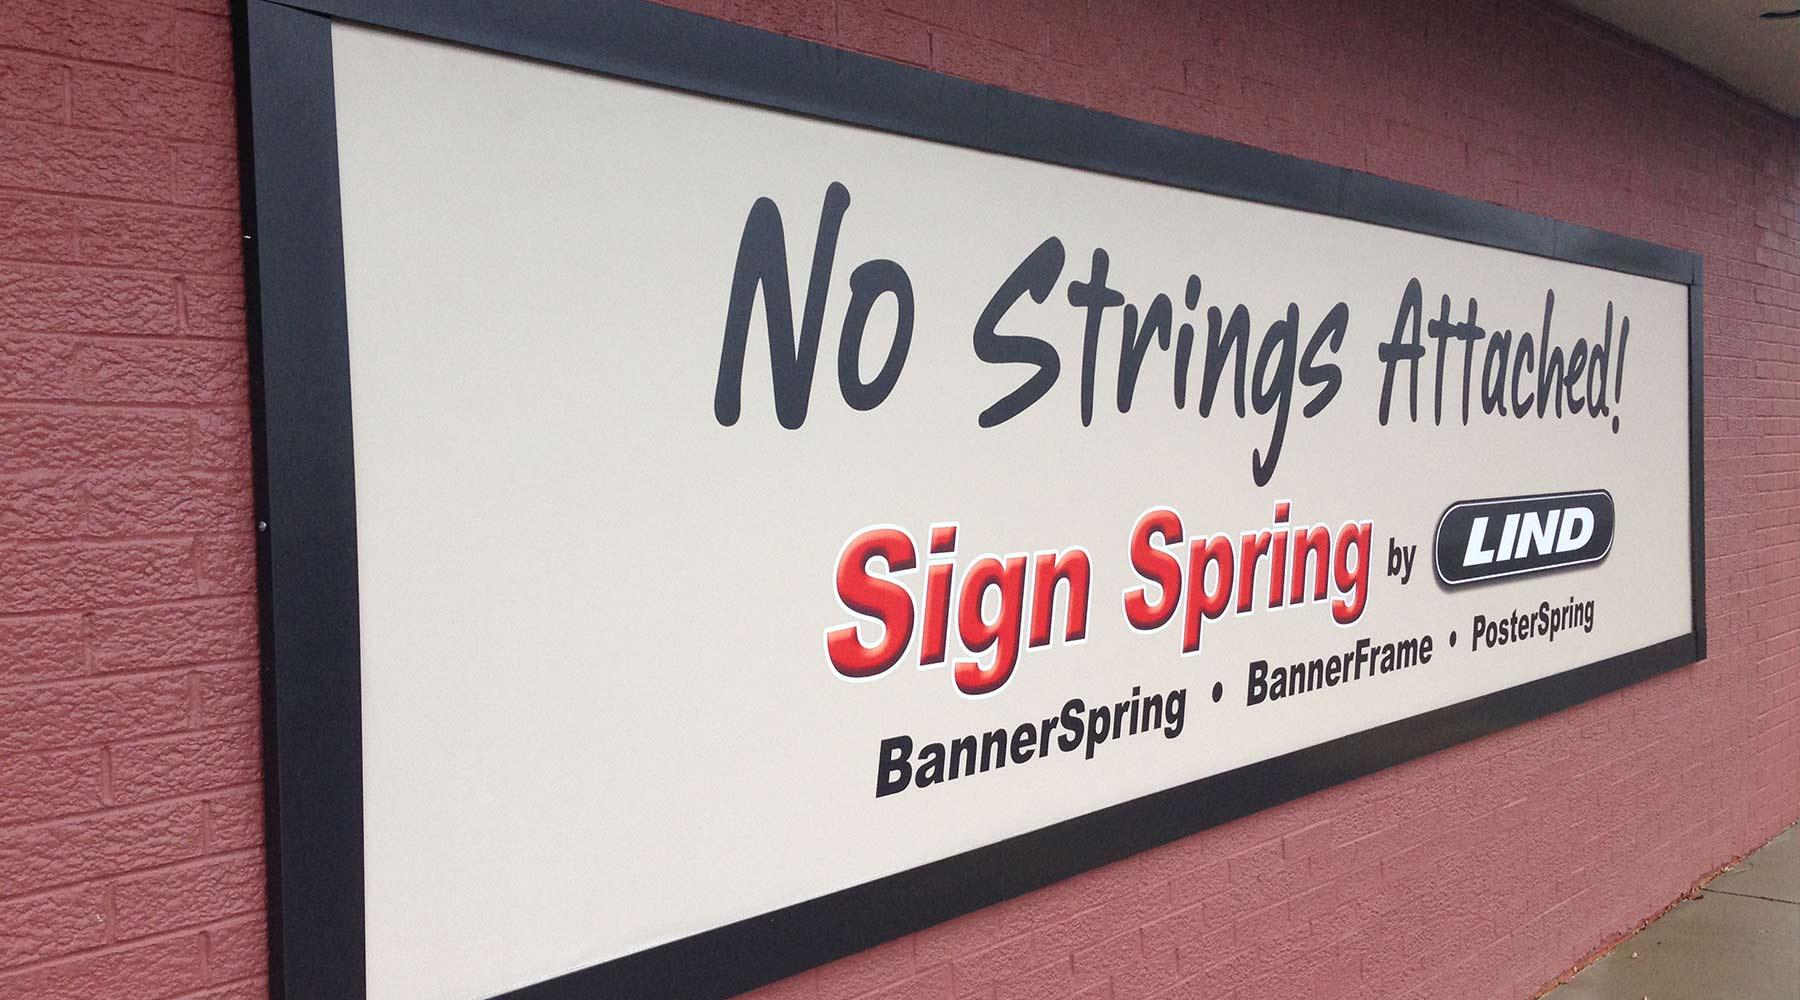 Lind SignSpring Sign